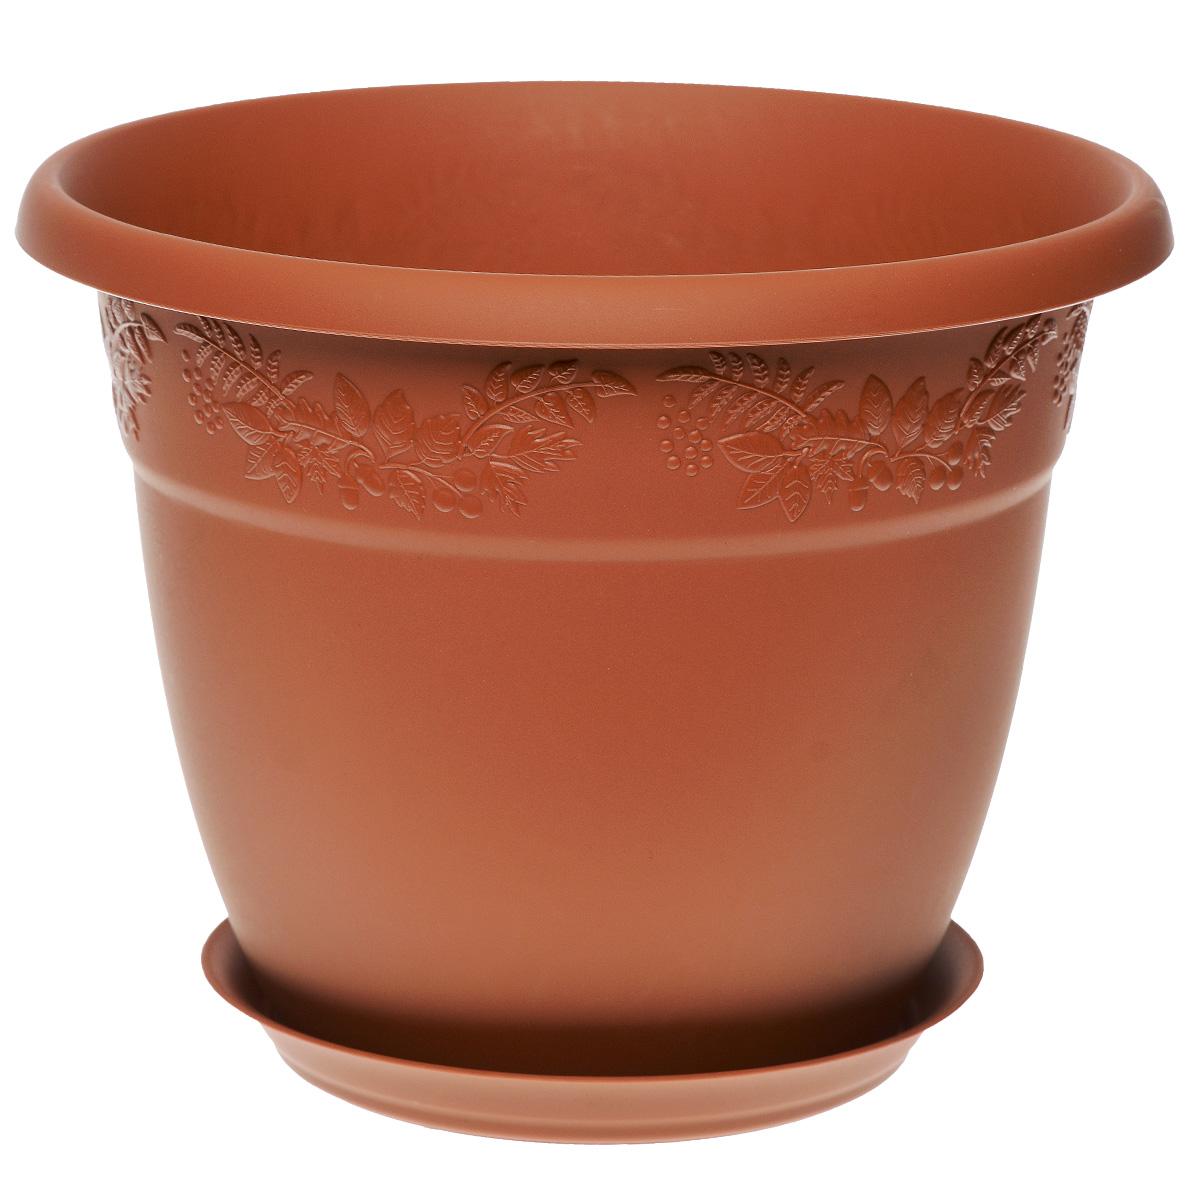 Кашпо Idea Рябина, с поддоном, цвет: терракотовый, 1,4 лZ-0307Кашпо Idea Рябина изготовлено из высококачественного полипропилена (пластика). Специальный поддон предназначен для стока воды. Изделие прекрасно подходит для выращивания растений и цветов в домашних условиях. Лаконичный дизайн впишется в интерьер любого помещения. Диаметр поддона: 11 см. Объем кашпо: 1,4 л.Диаметр кашпо по верхнему краю: 16 см.Высота кашпо: 12,5 см.